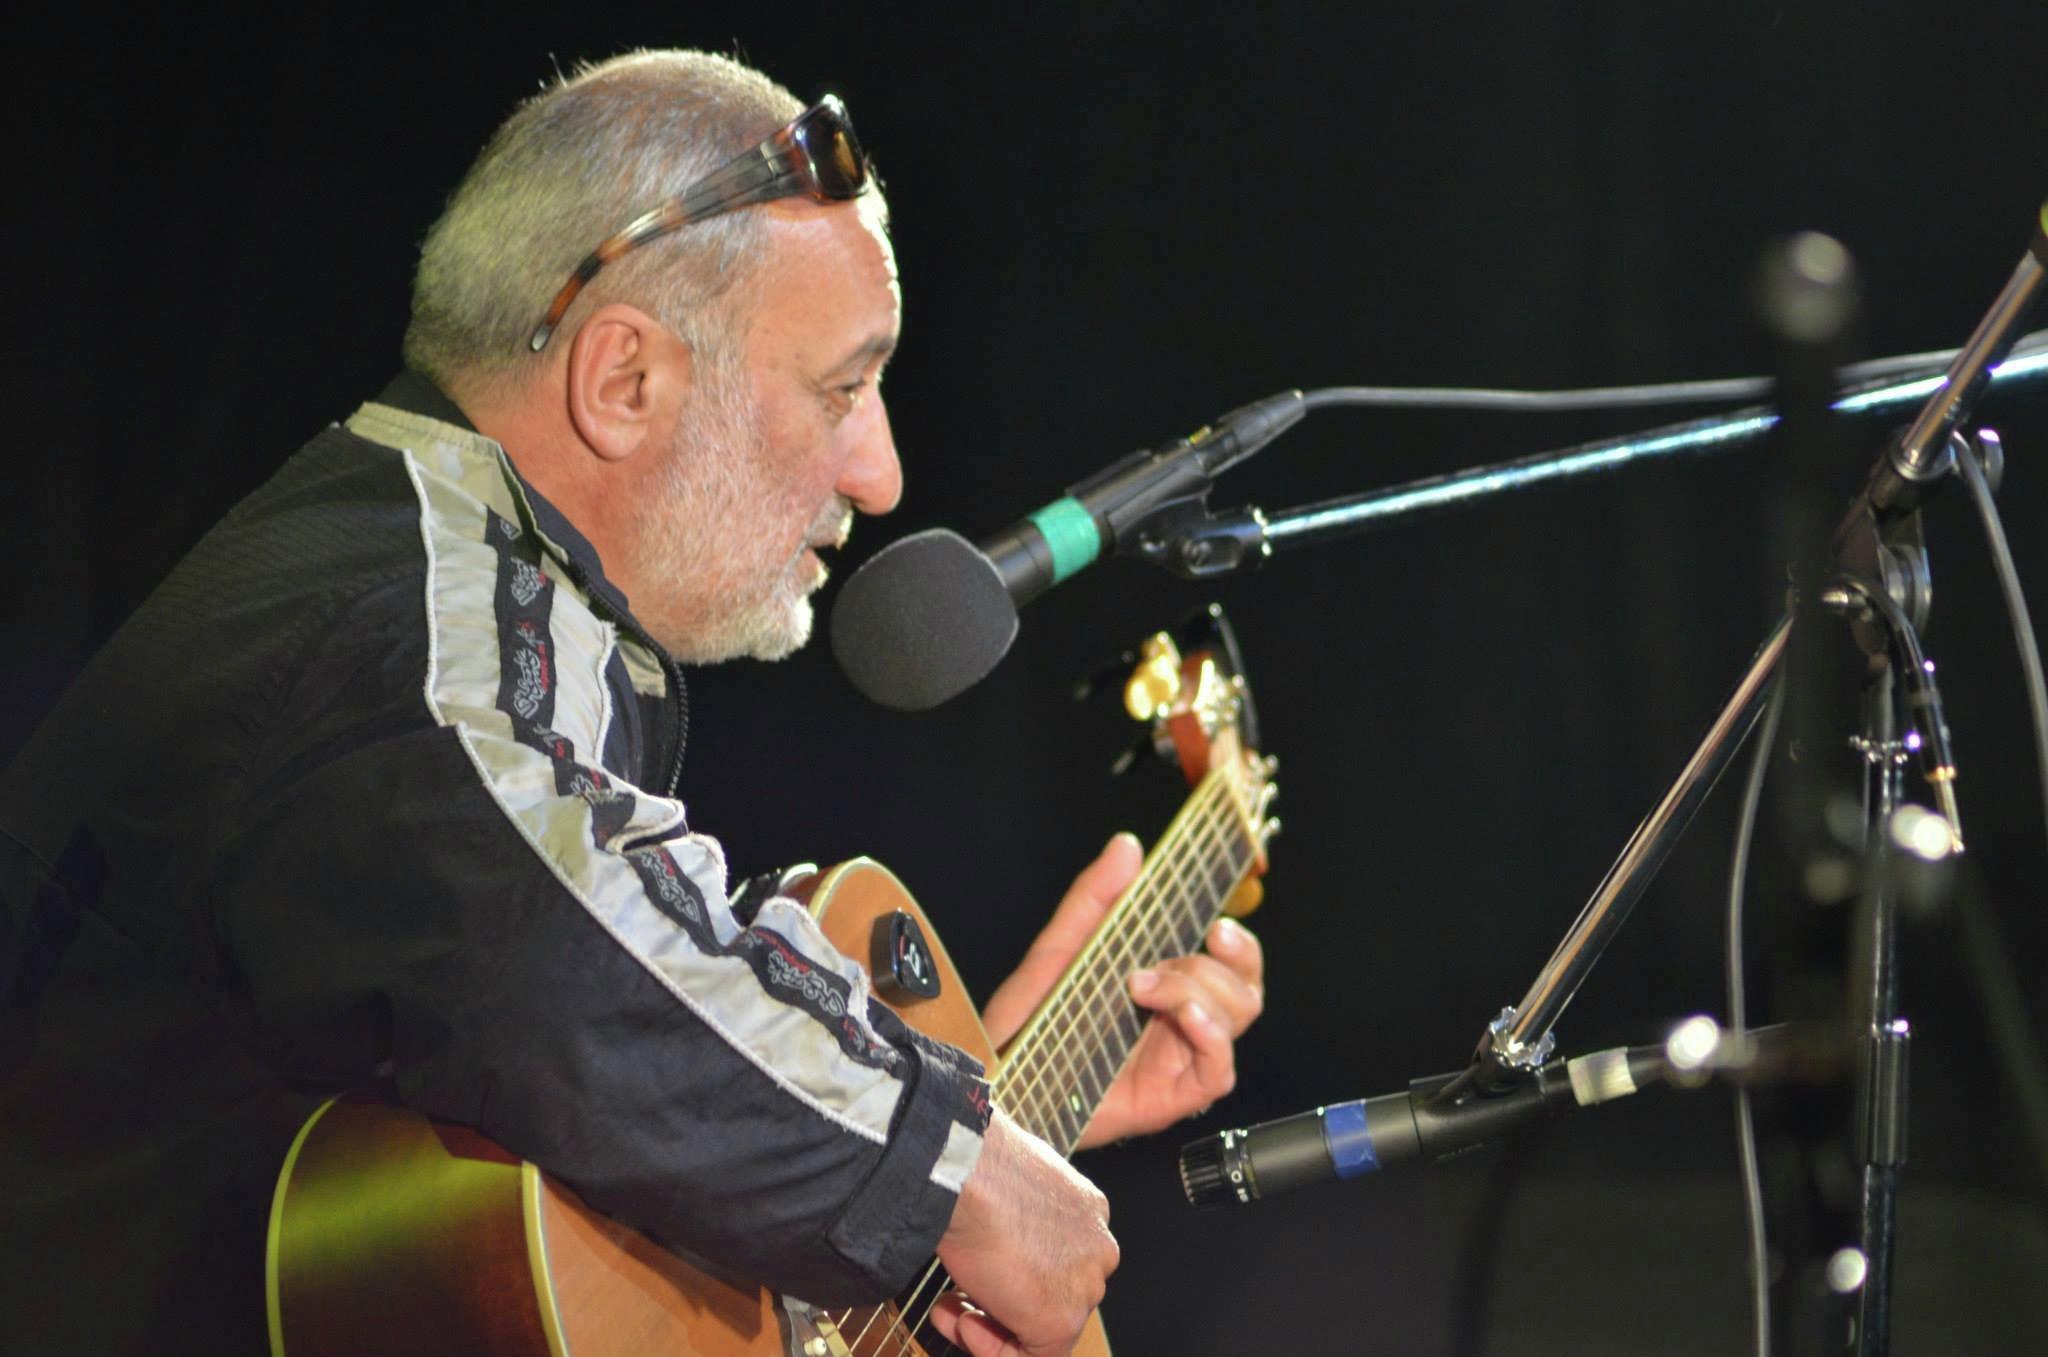 Фестиваль авторской песни, день второй, Зураб Закариадзде, по прозвищу Папа, Грузия.